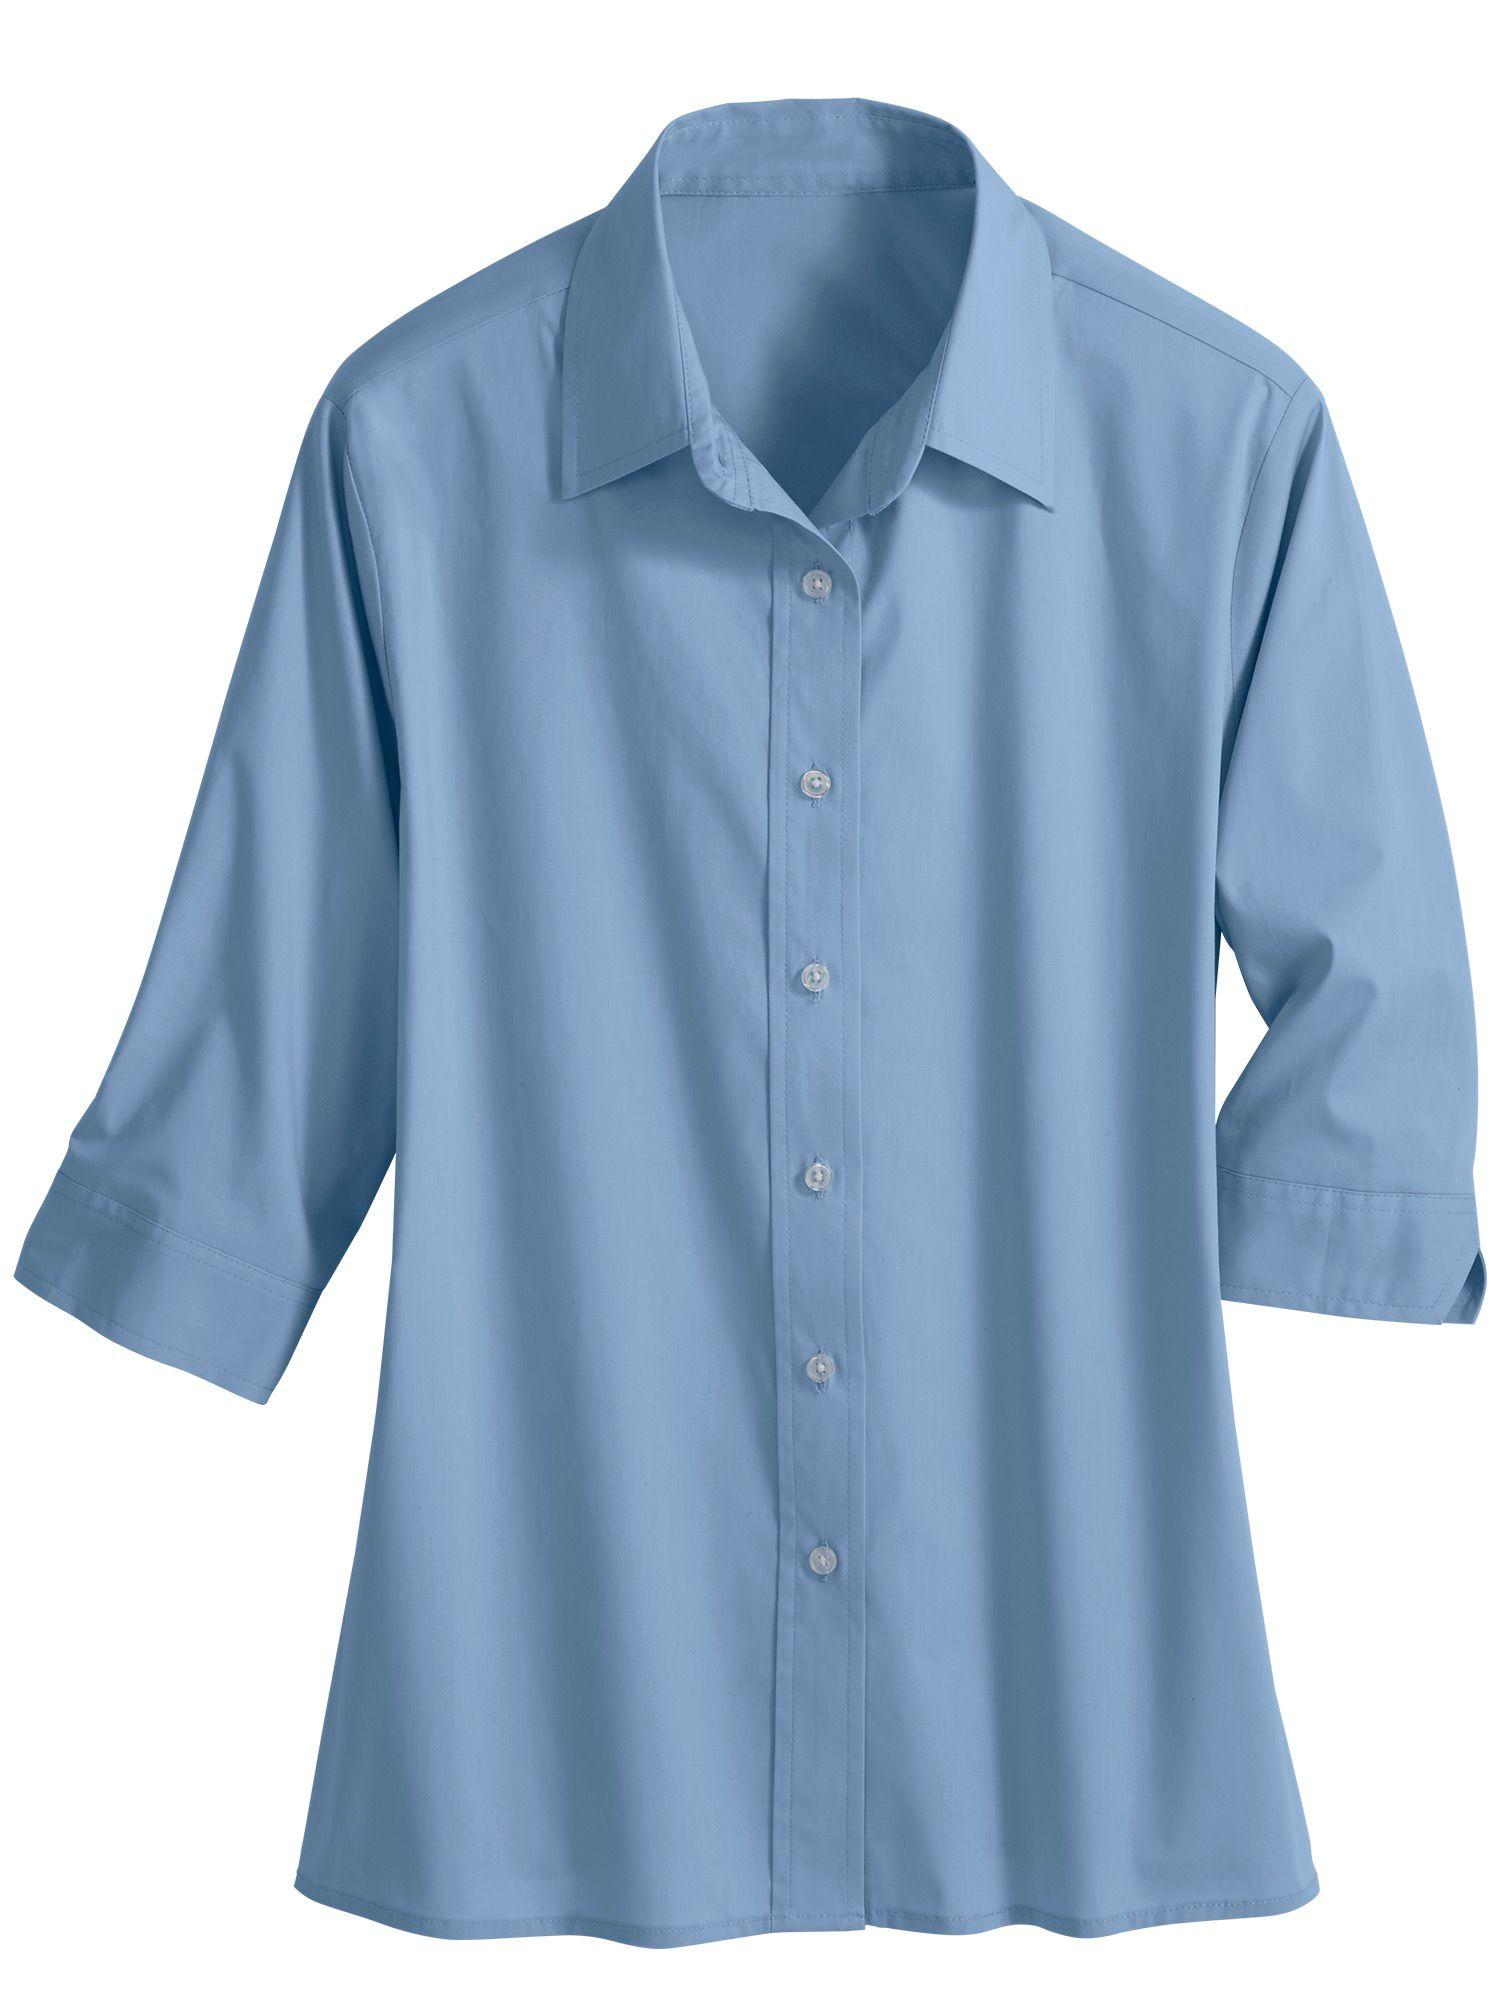 64a56b960d 3/4-Sleeve Poplin Blouse